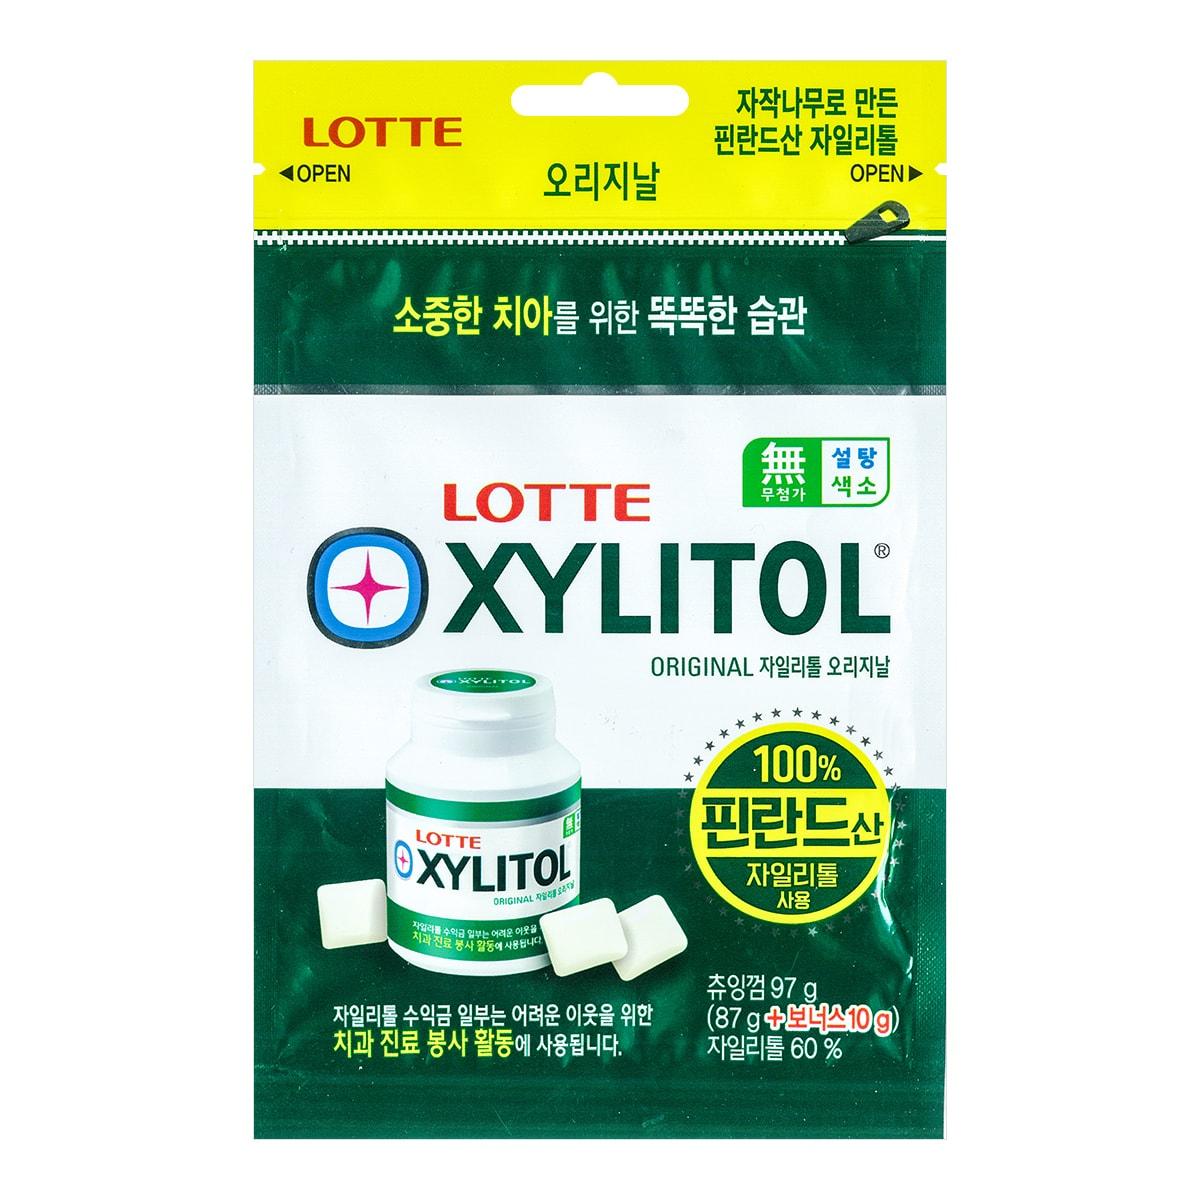 韩国LOTTE乐天 XYLITOL木糖醇口香糖 原味 袋装 97g